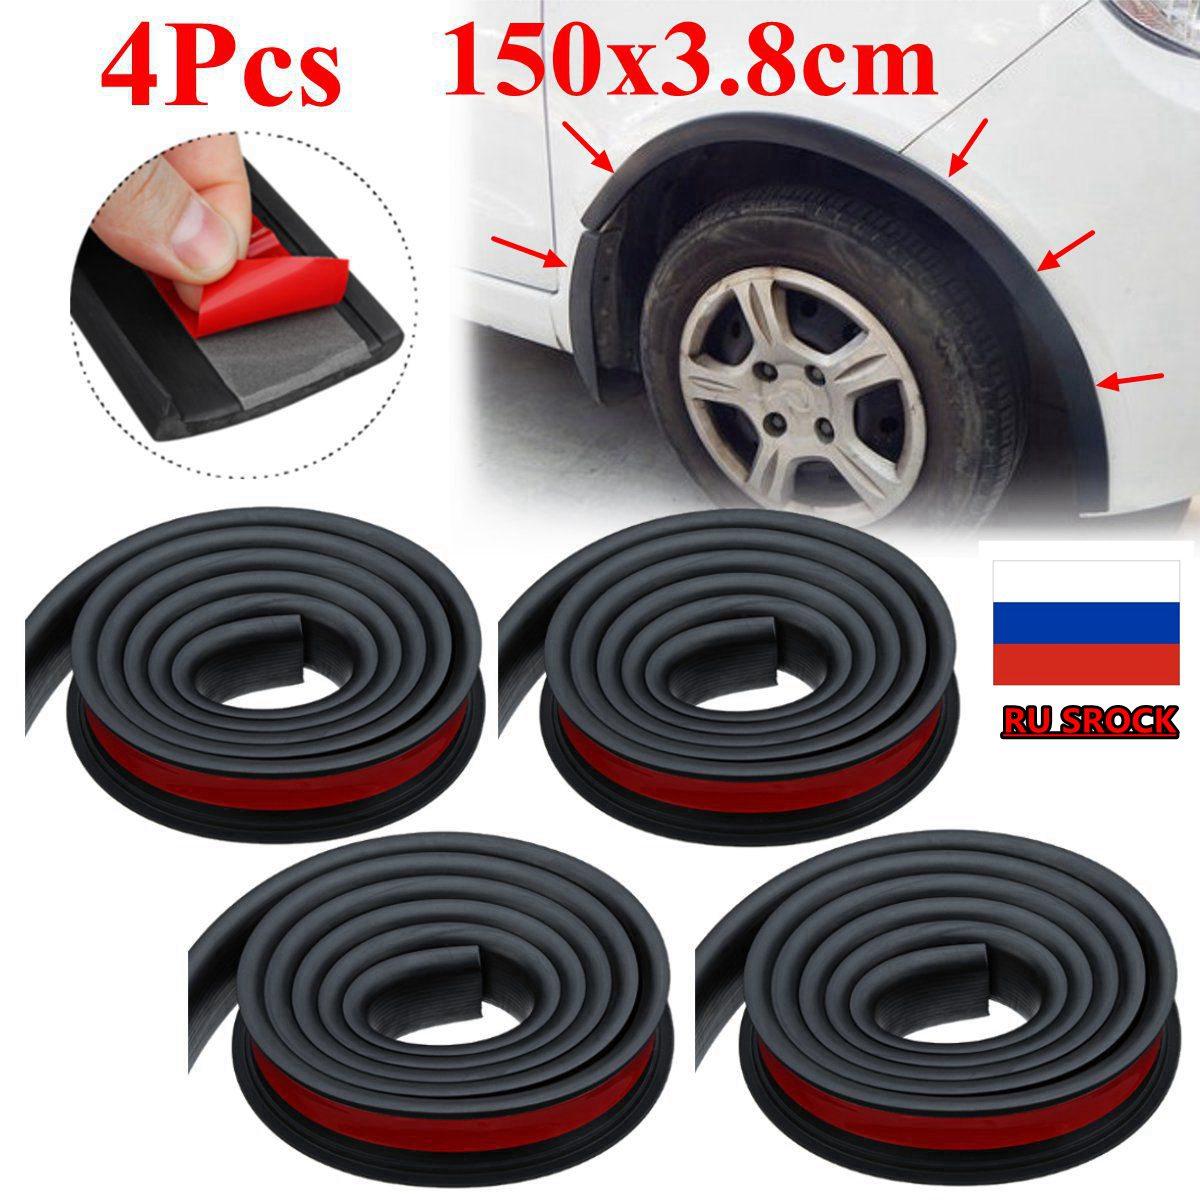 Uniwersalna para gumowy błotnik samochodowy wykończenia nadkole ochrony listwy dla większość samochodów ciężarowych suv stylizacja samochodów 1.5M x 3.8CM